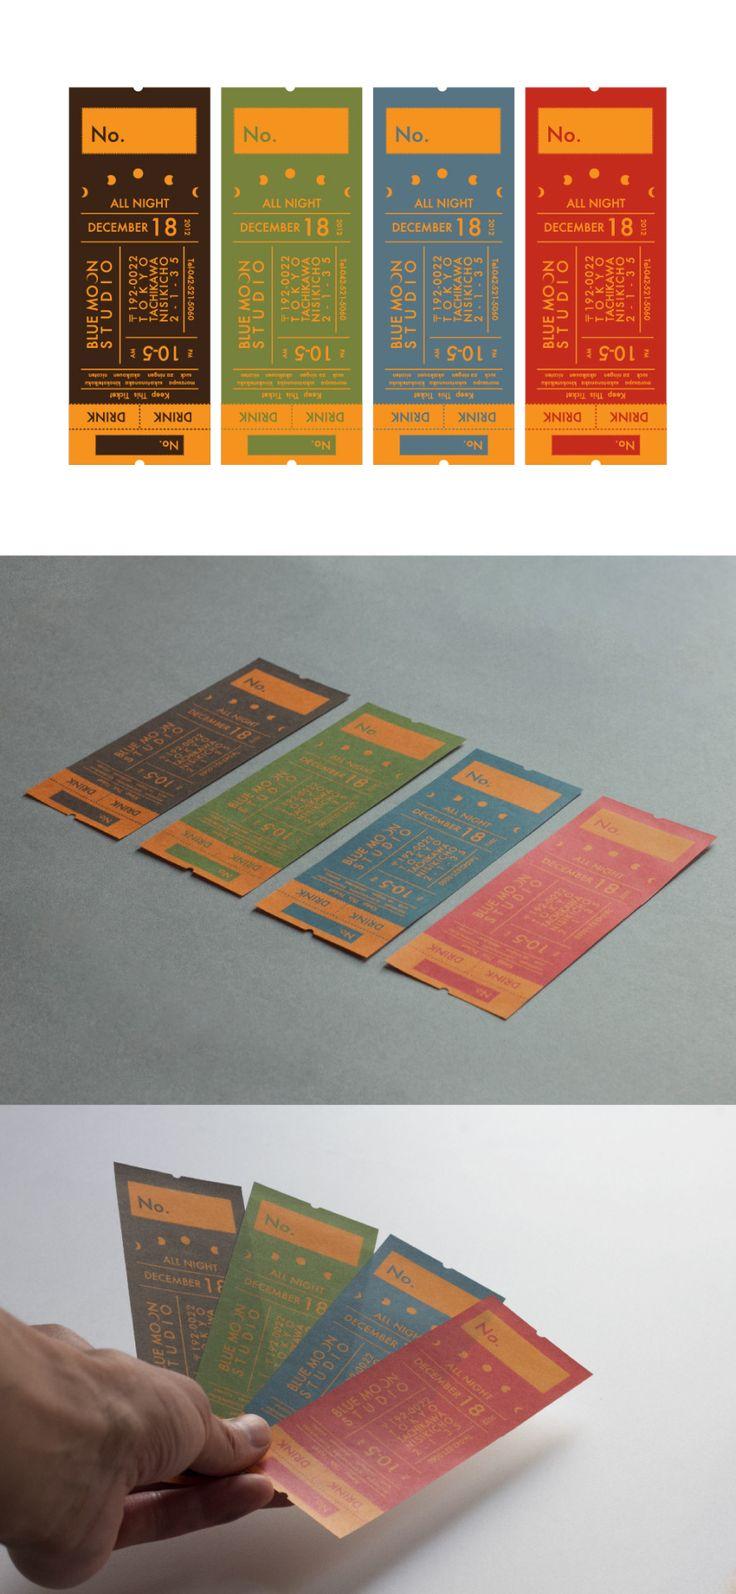 ライブチケット (東京)Graphic Design | 2013   Live Ticket Design | 2013 | HAM EGG STUDIO